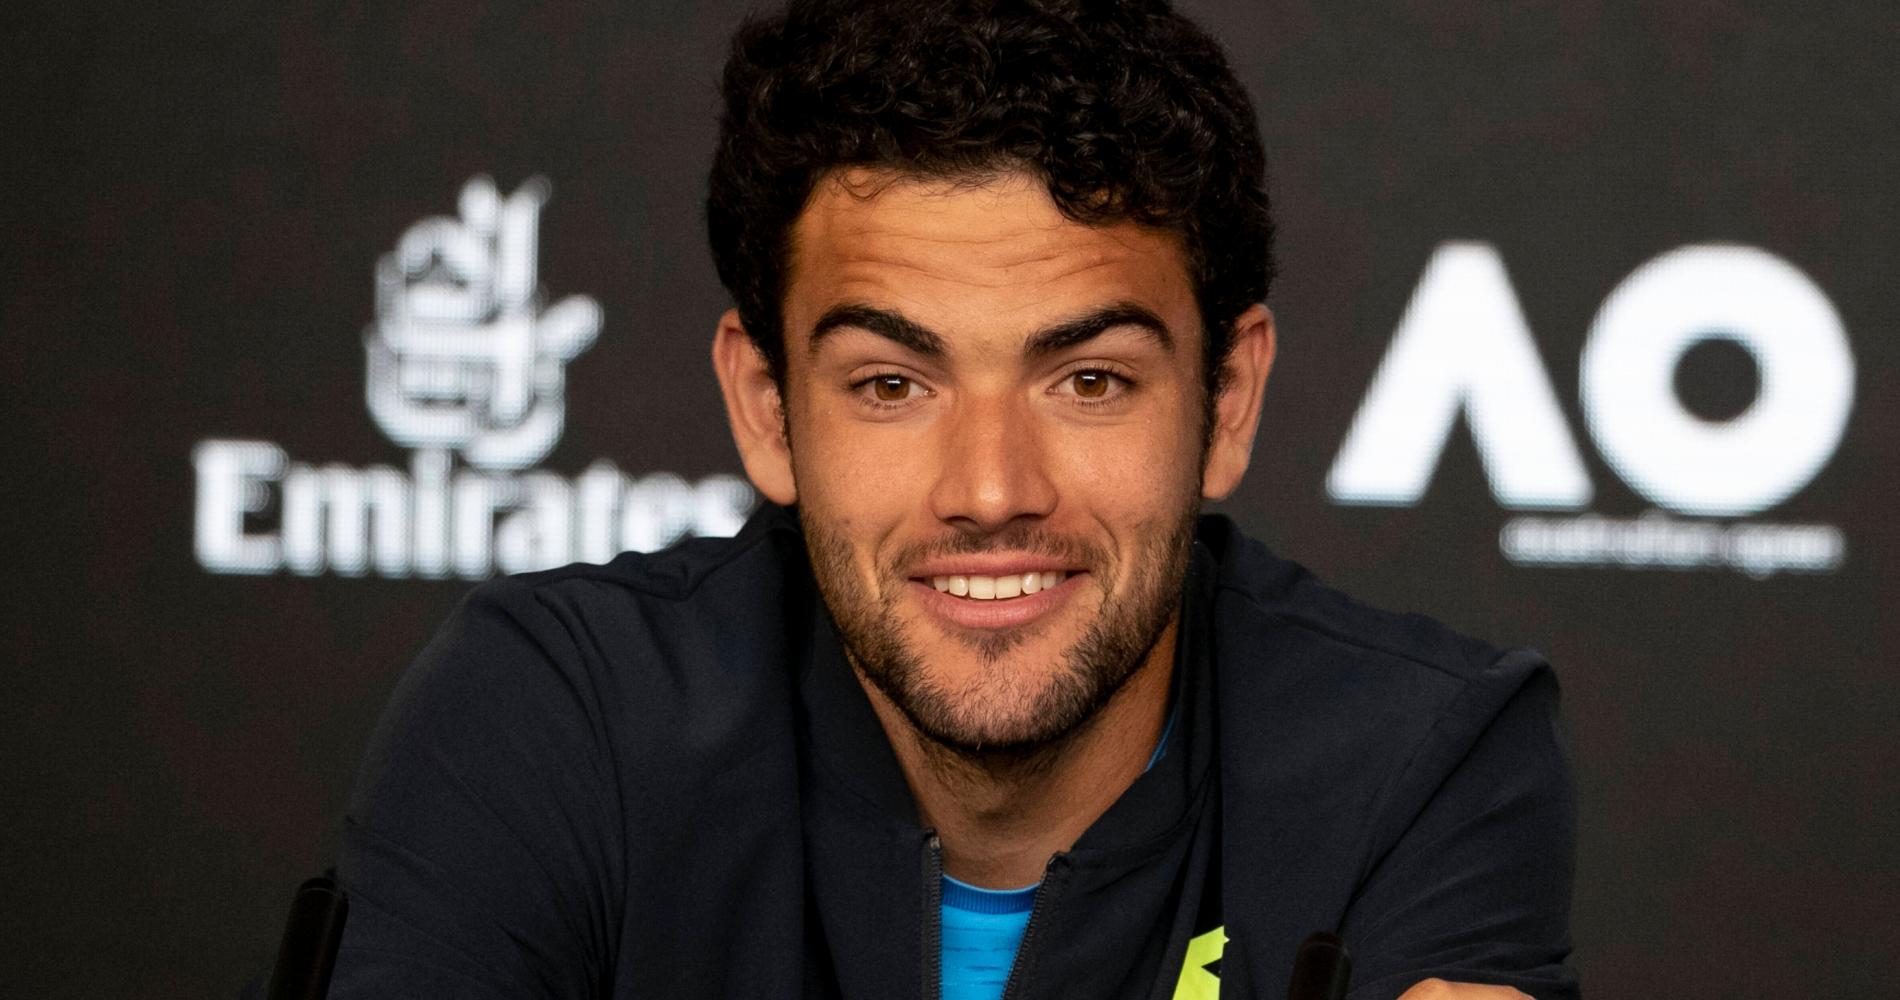 Matteo Berrettini, 2020 Australian Open